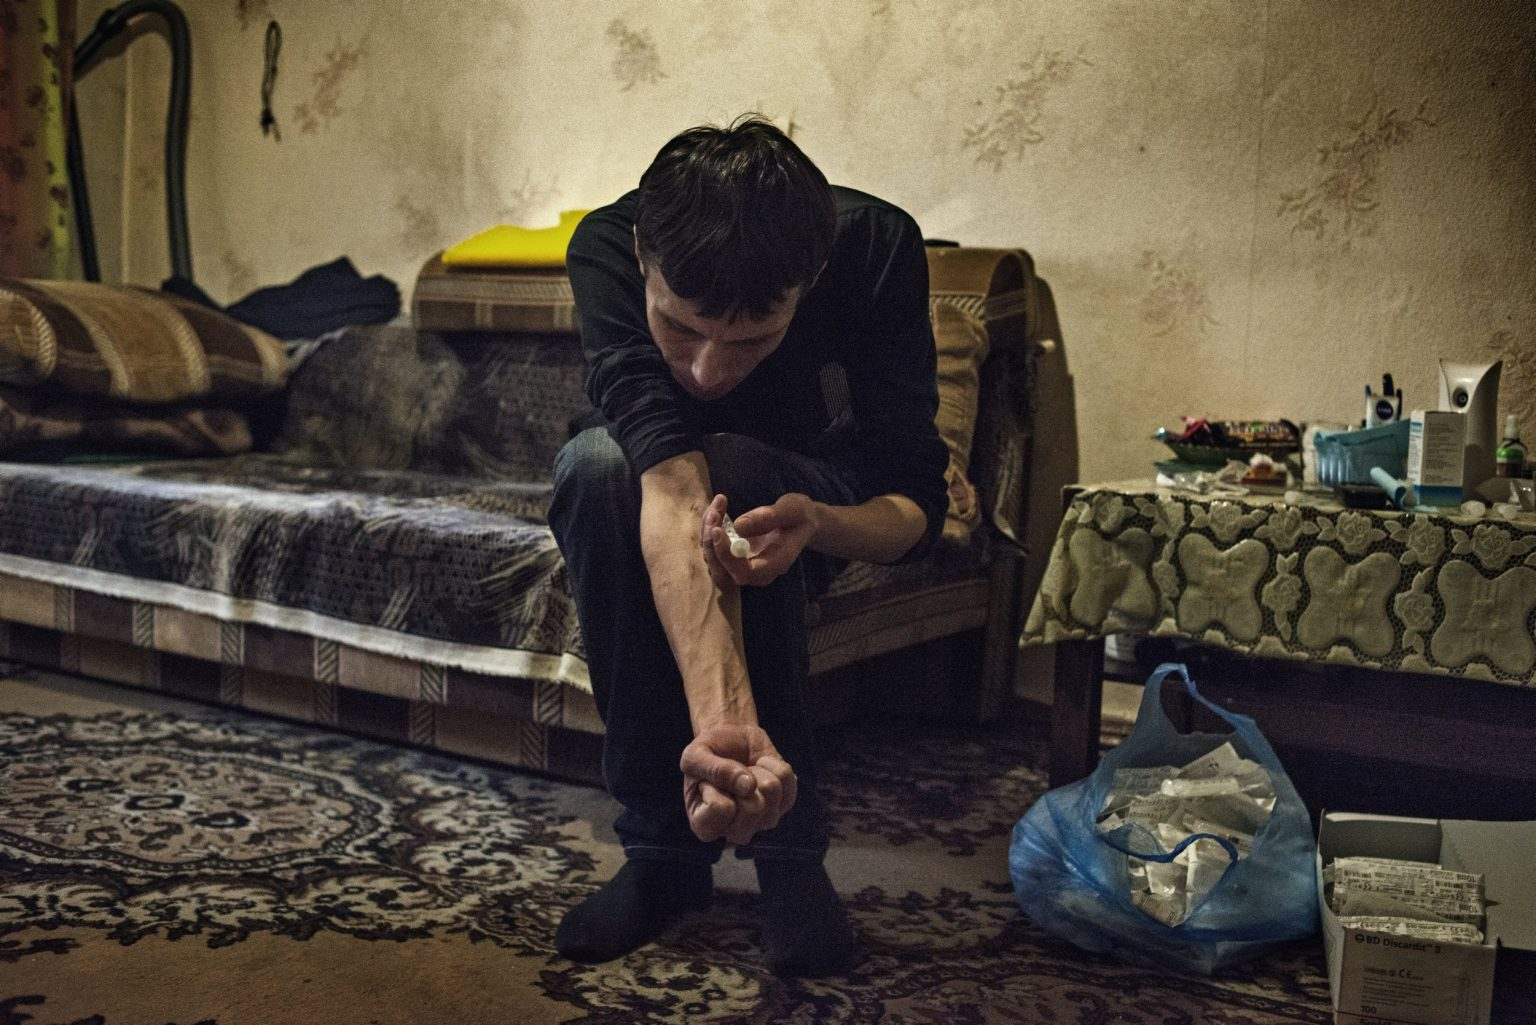 Yekaterinburg, Russia, November 2013 - Alexey injects a dose of Krokodil. >< Yekaterinburg, Russia, novembre 2013 - Alexey si inietta una dose di Krokodil.